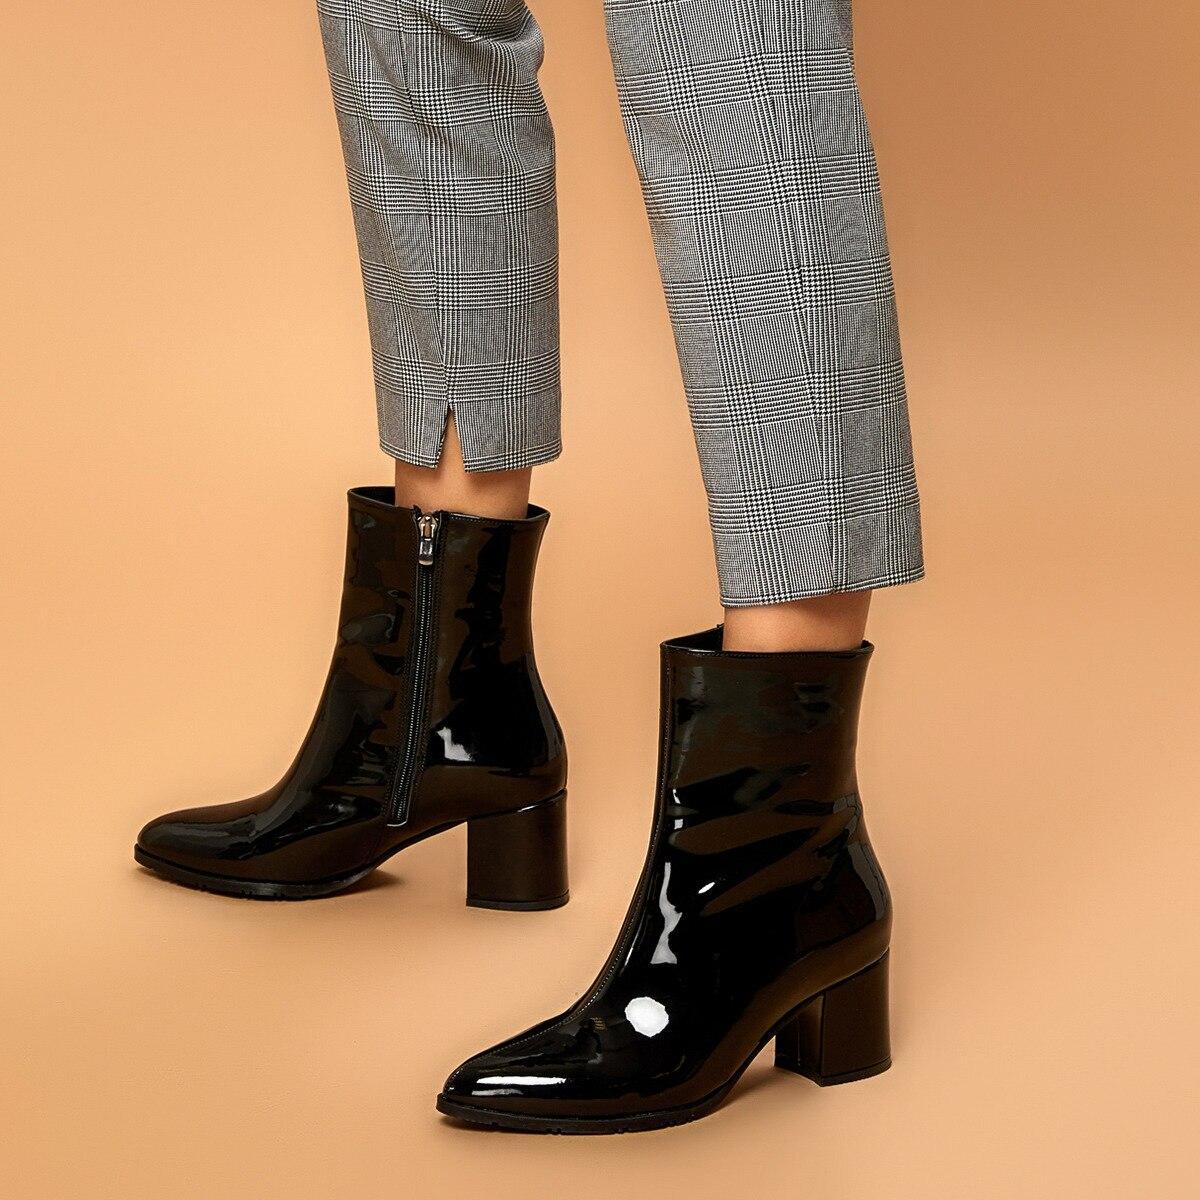 حذاء بوت نسائي أسود عالي الكعب من FLO موديل BUTIGO